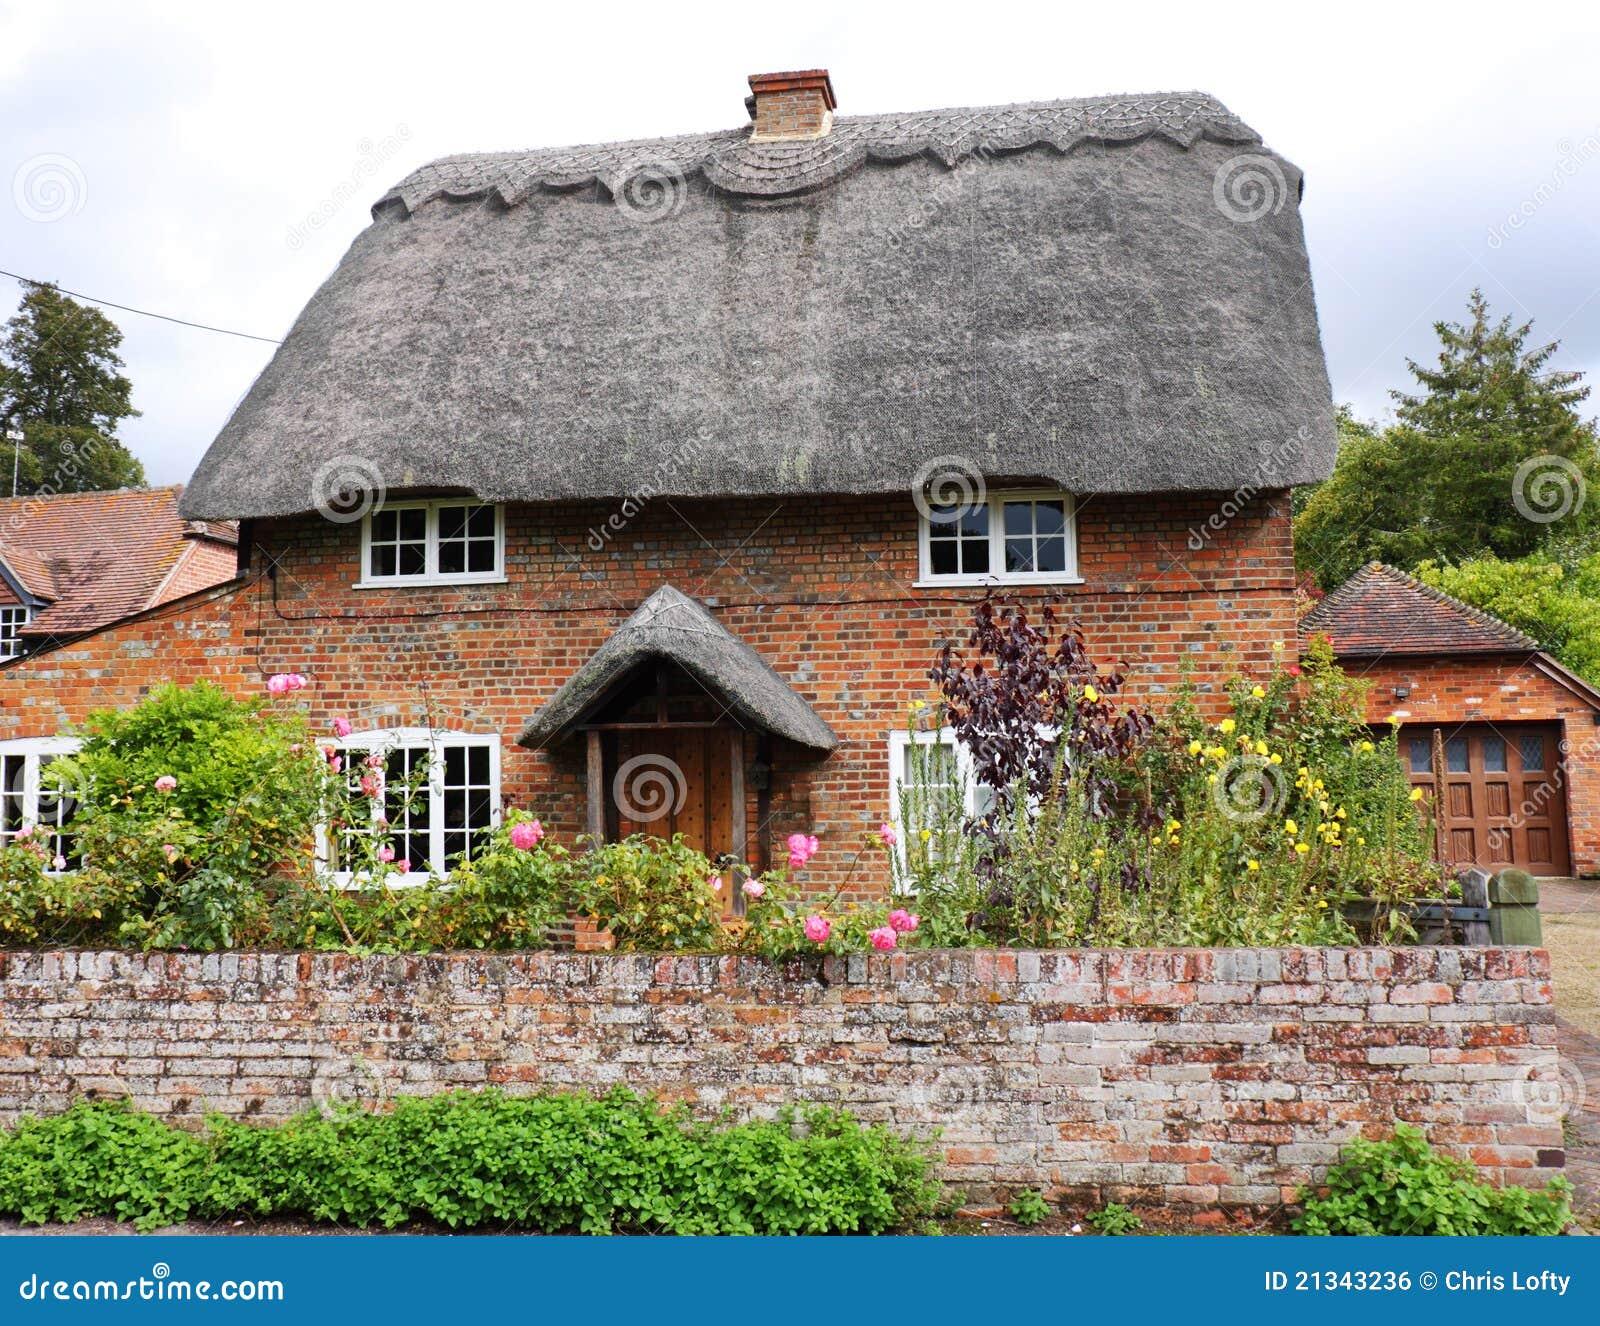 maison et jardin anglais couverts de chaume de village image libre de droits image 21343236. Black Bedroom Furniture Sets. Home Design Ideas